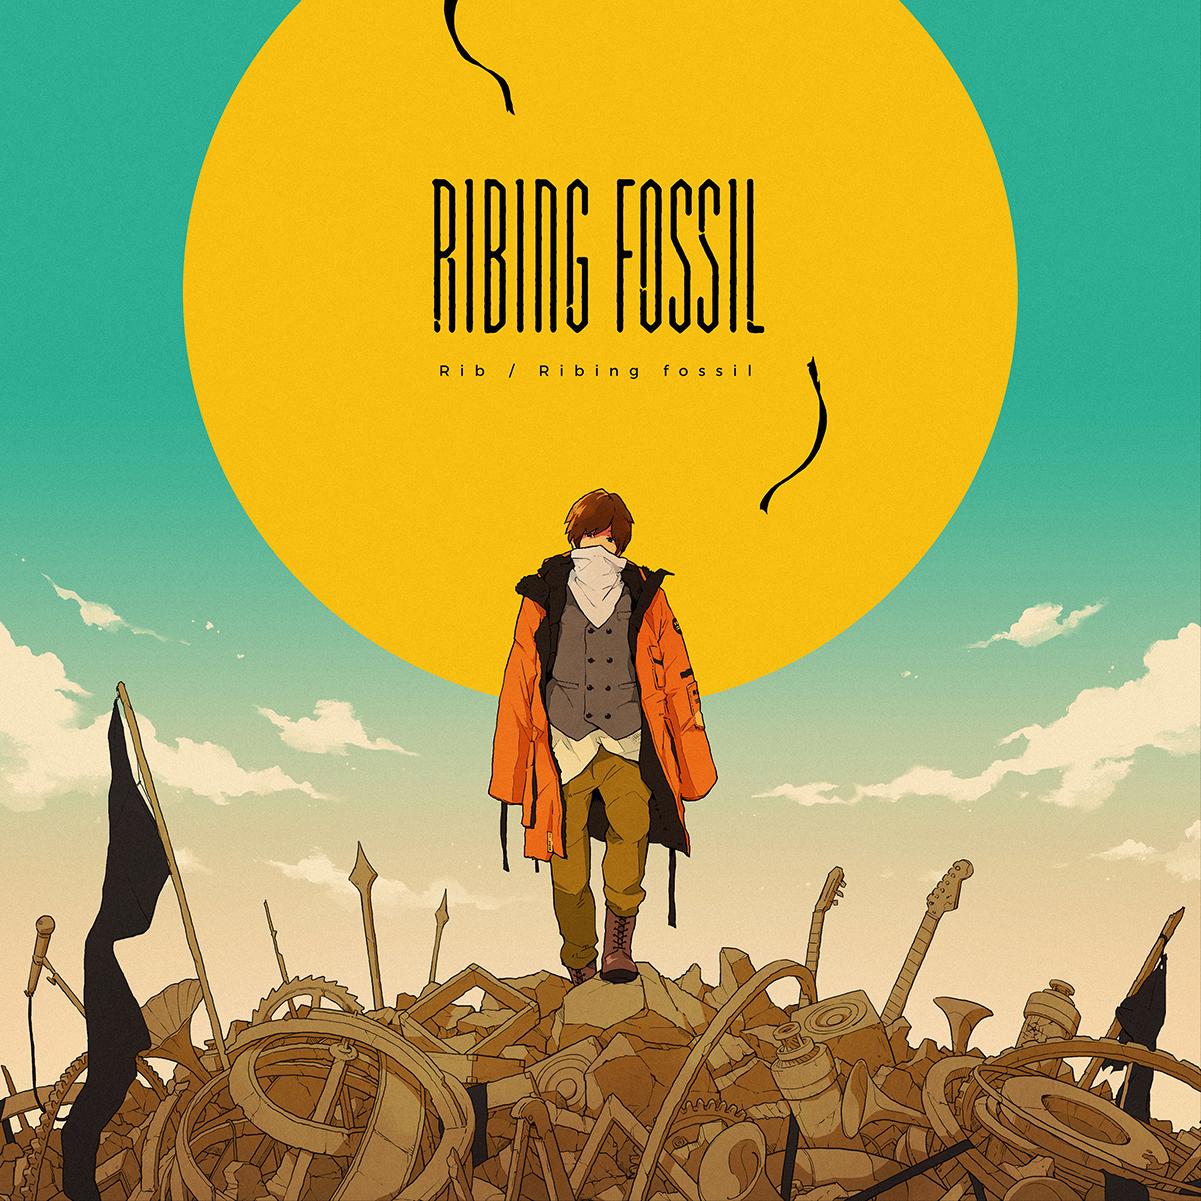 りぶ『Ribing fossil』ジャケット